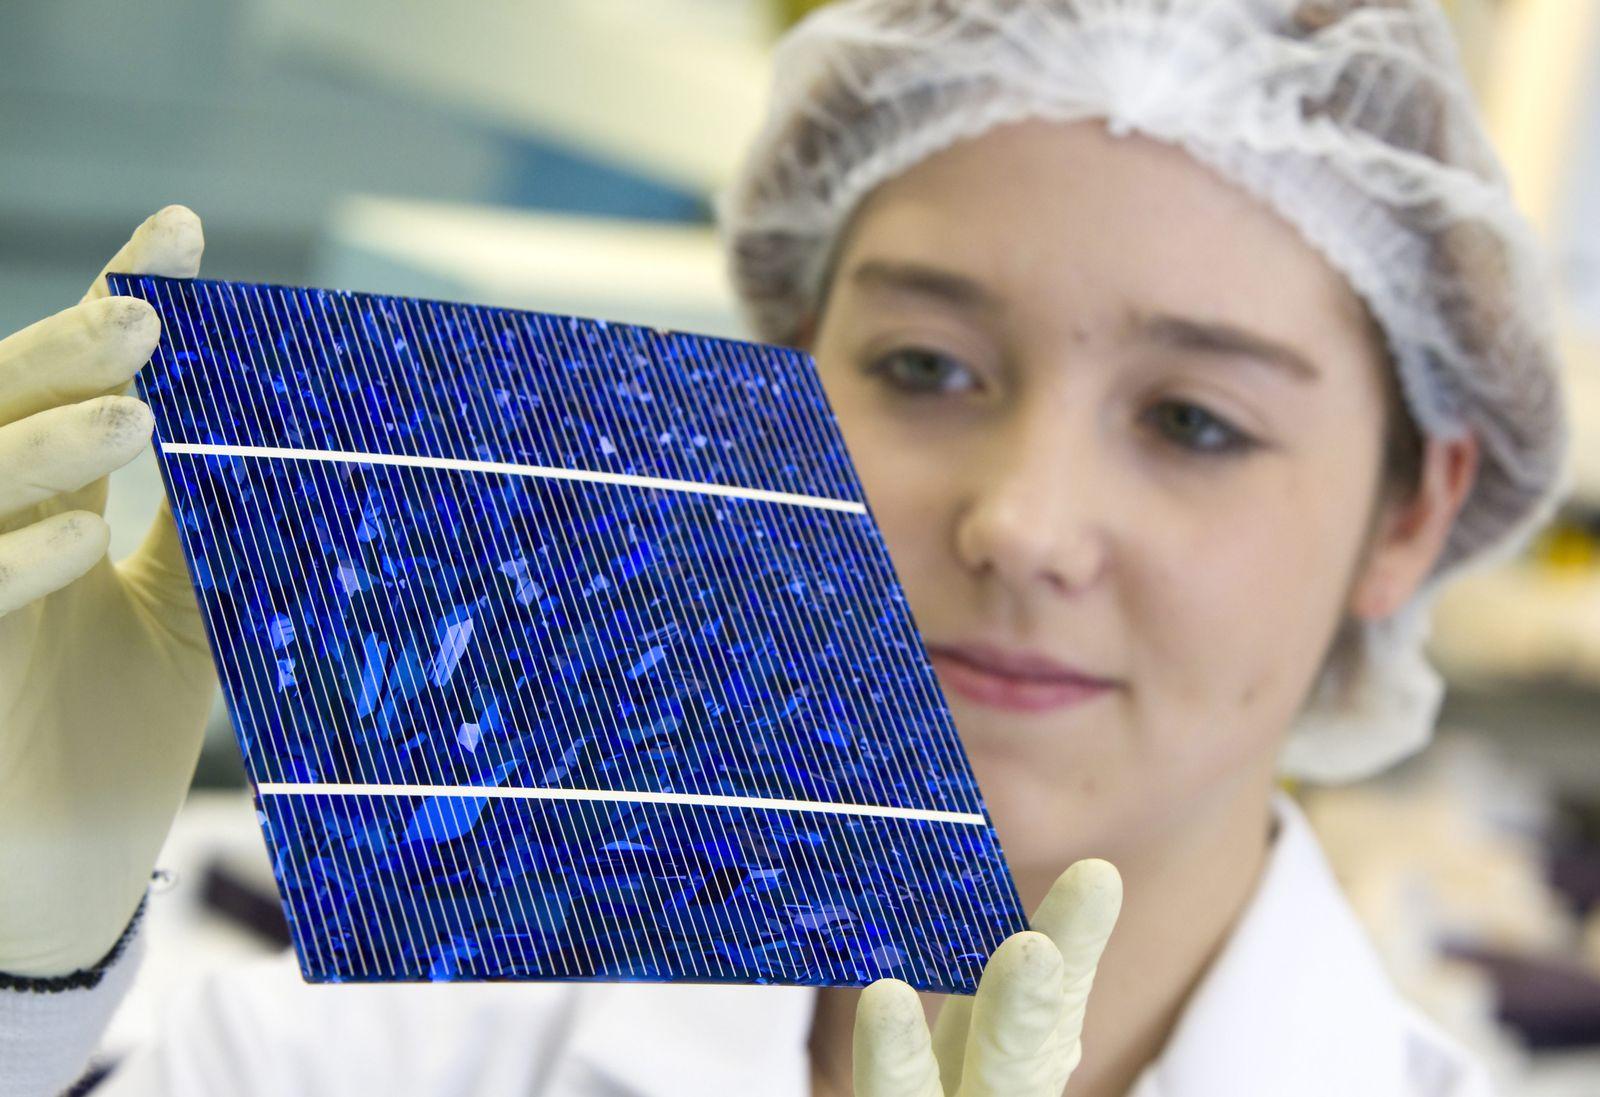 Produktion / Solar / Solarzelle